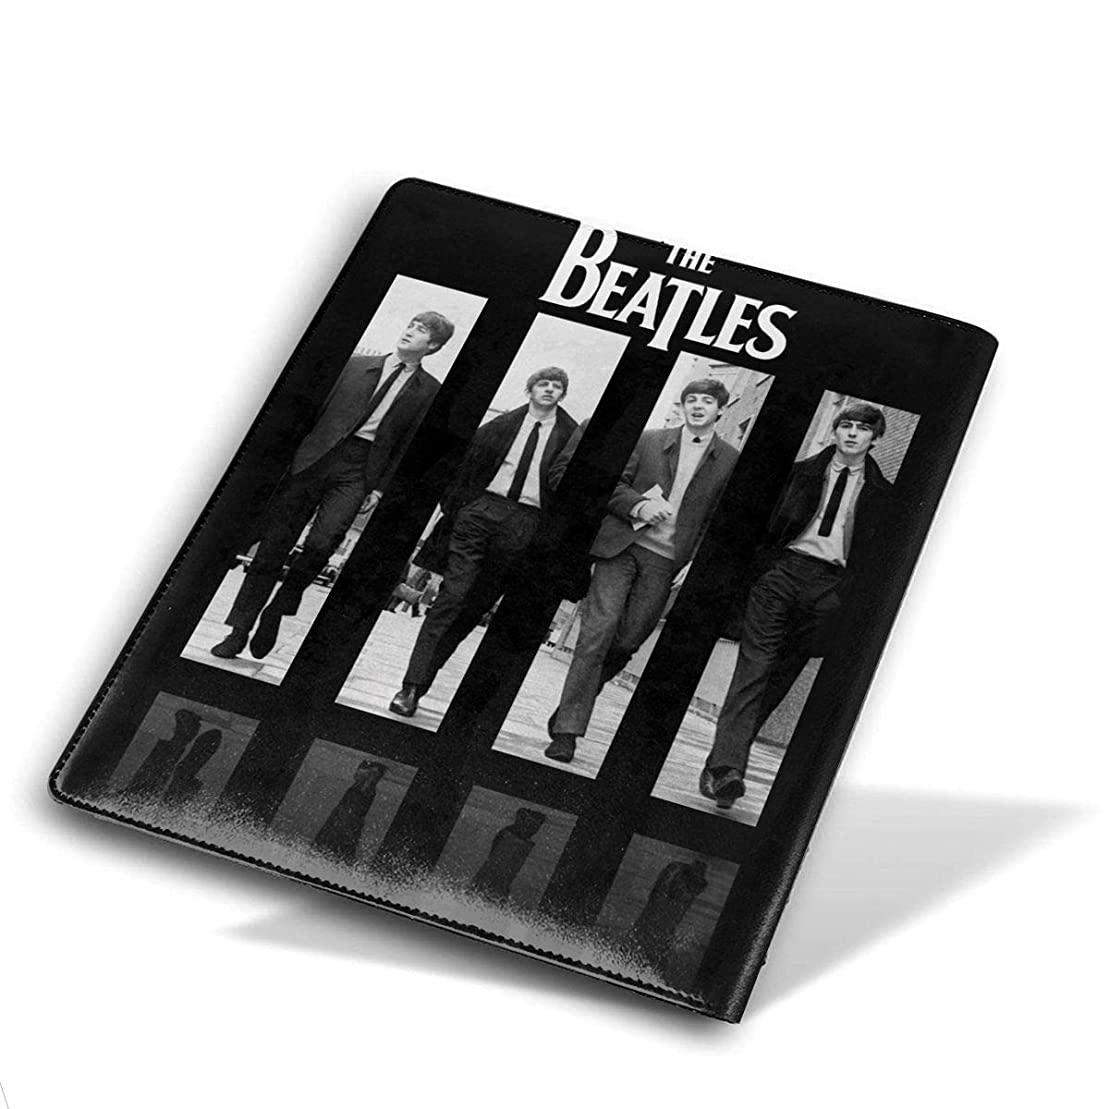 ダンスおかしい狂ったThe Beatles ビートルズ Book Cove ノートカバー ブックカバー 本カバー おしゃれ 文庫本カバー PUレザー ファイル オフィス用品 読書 日記 収納入れ 機能性 耐久性 個性 子供 大人 読書 資料 雑貨 収納入れ メモ帳カバー プレゼント 贈り物